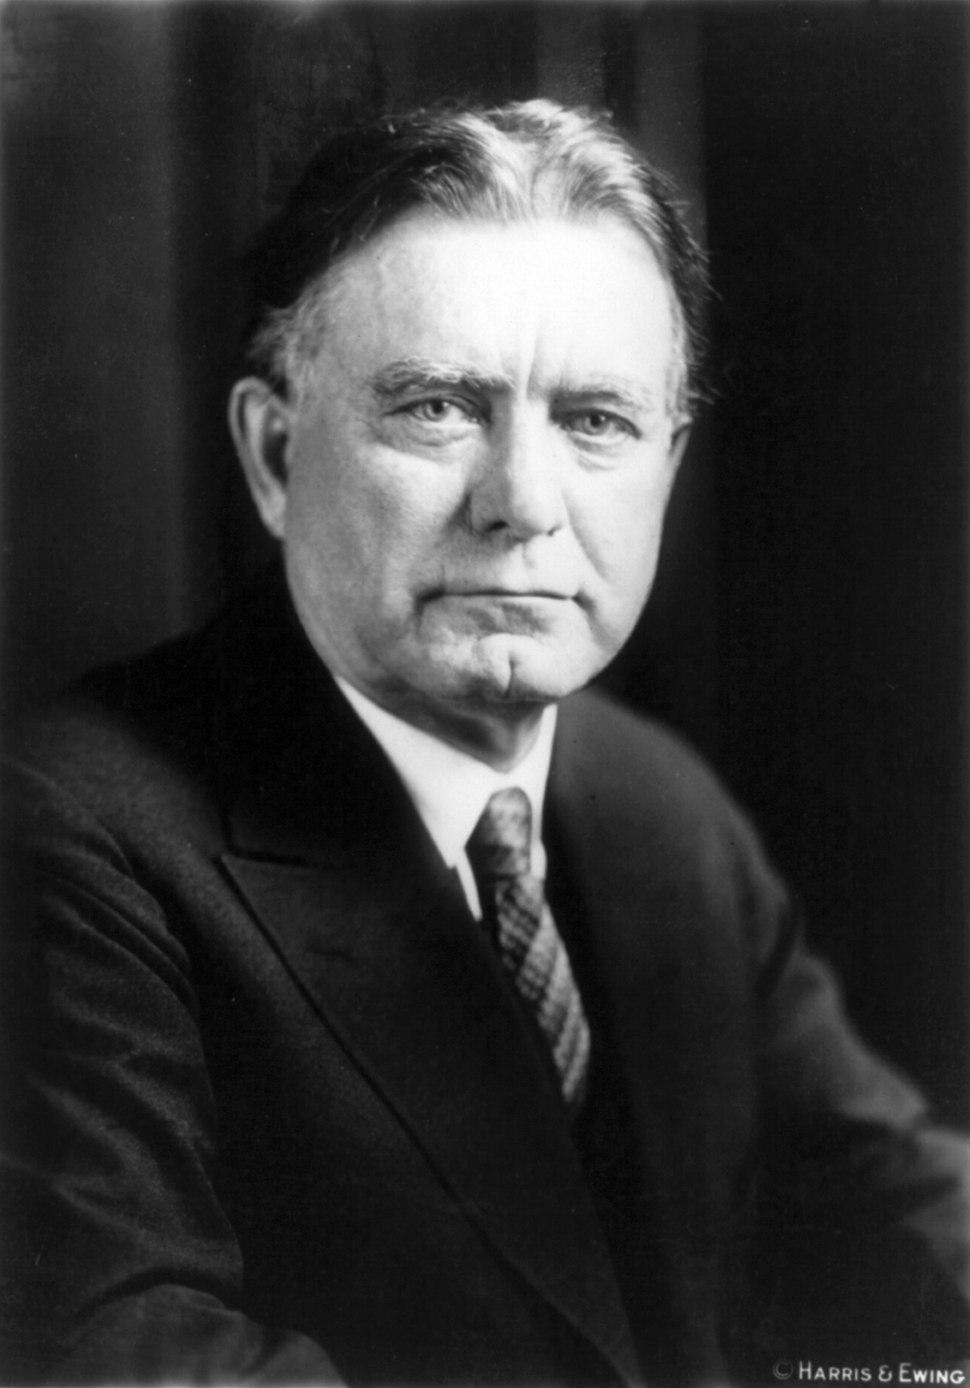 William Edgar Borah cph.3b19589